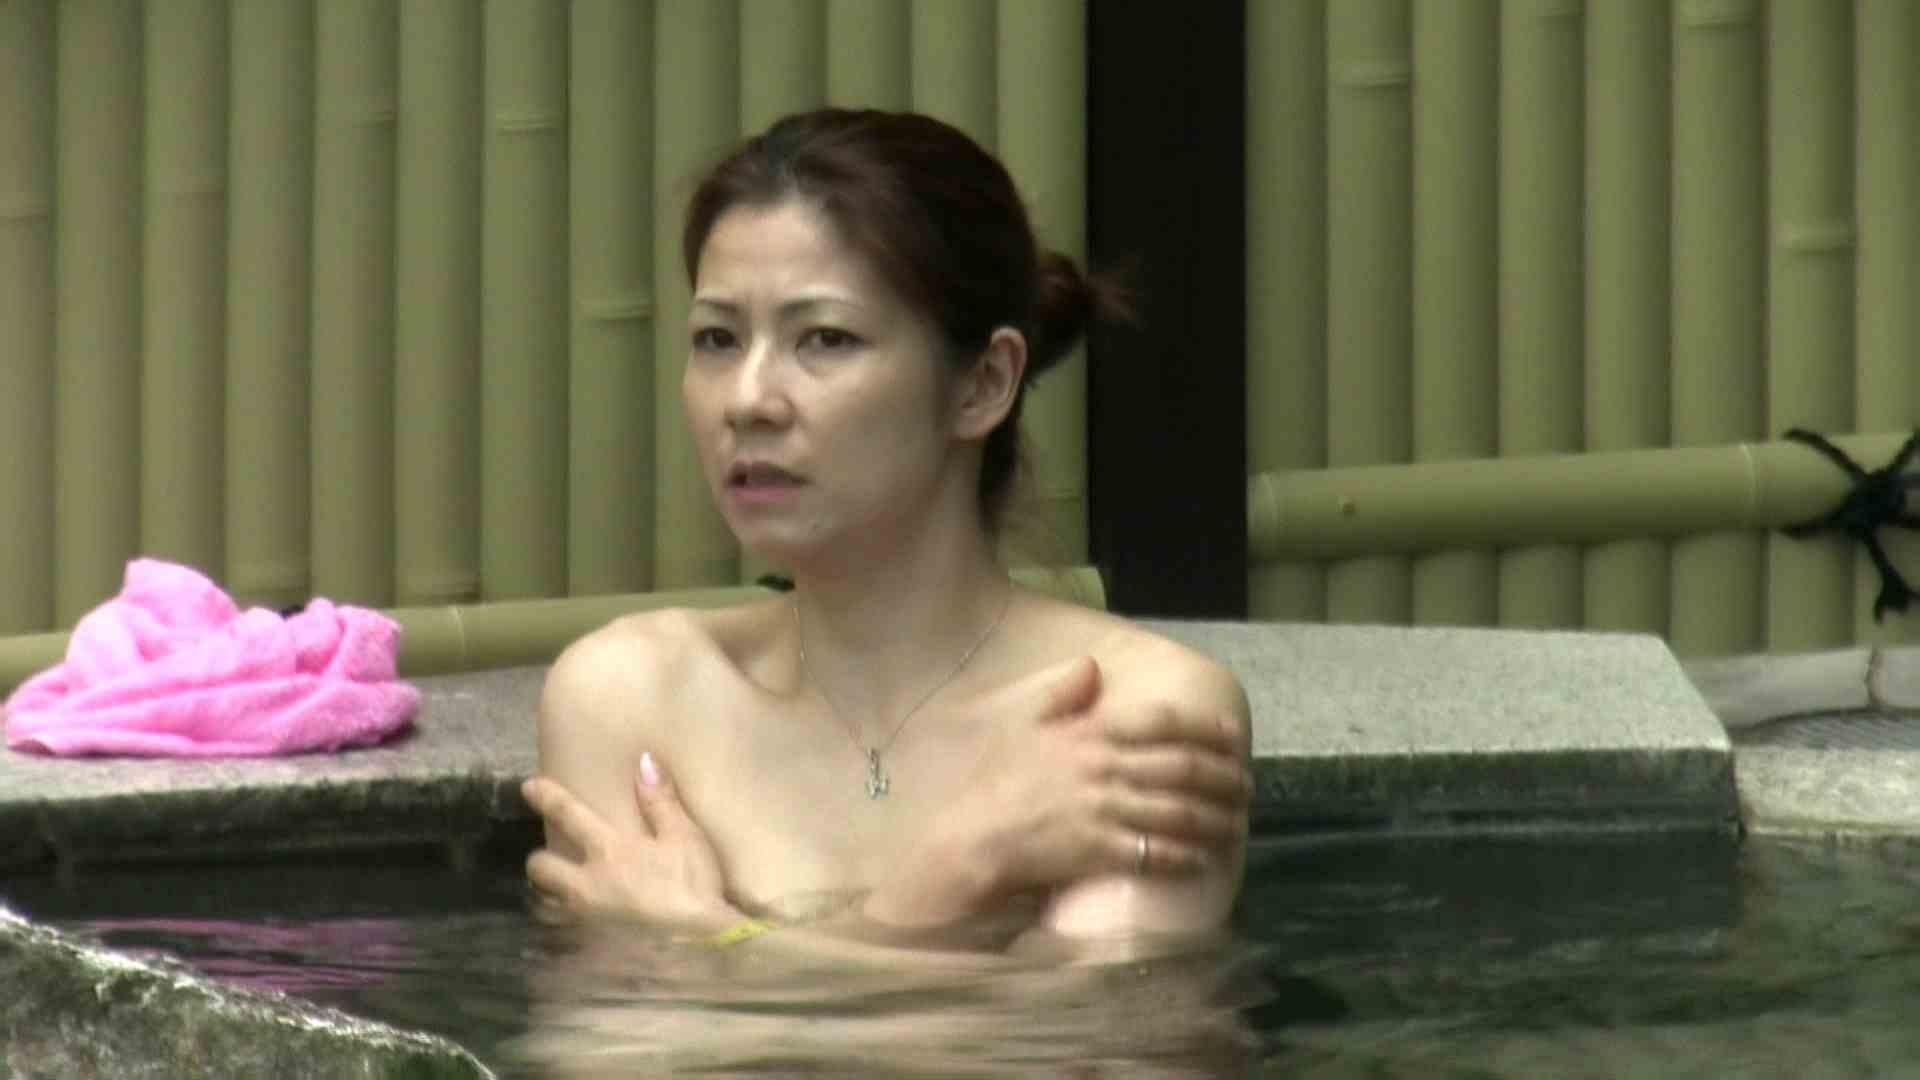 Aquaな露天風呂Vol.660 露天 | 盗撮  102pic 5